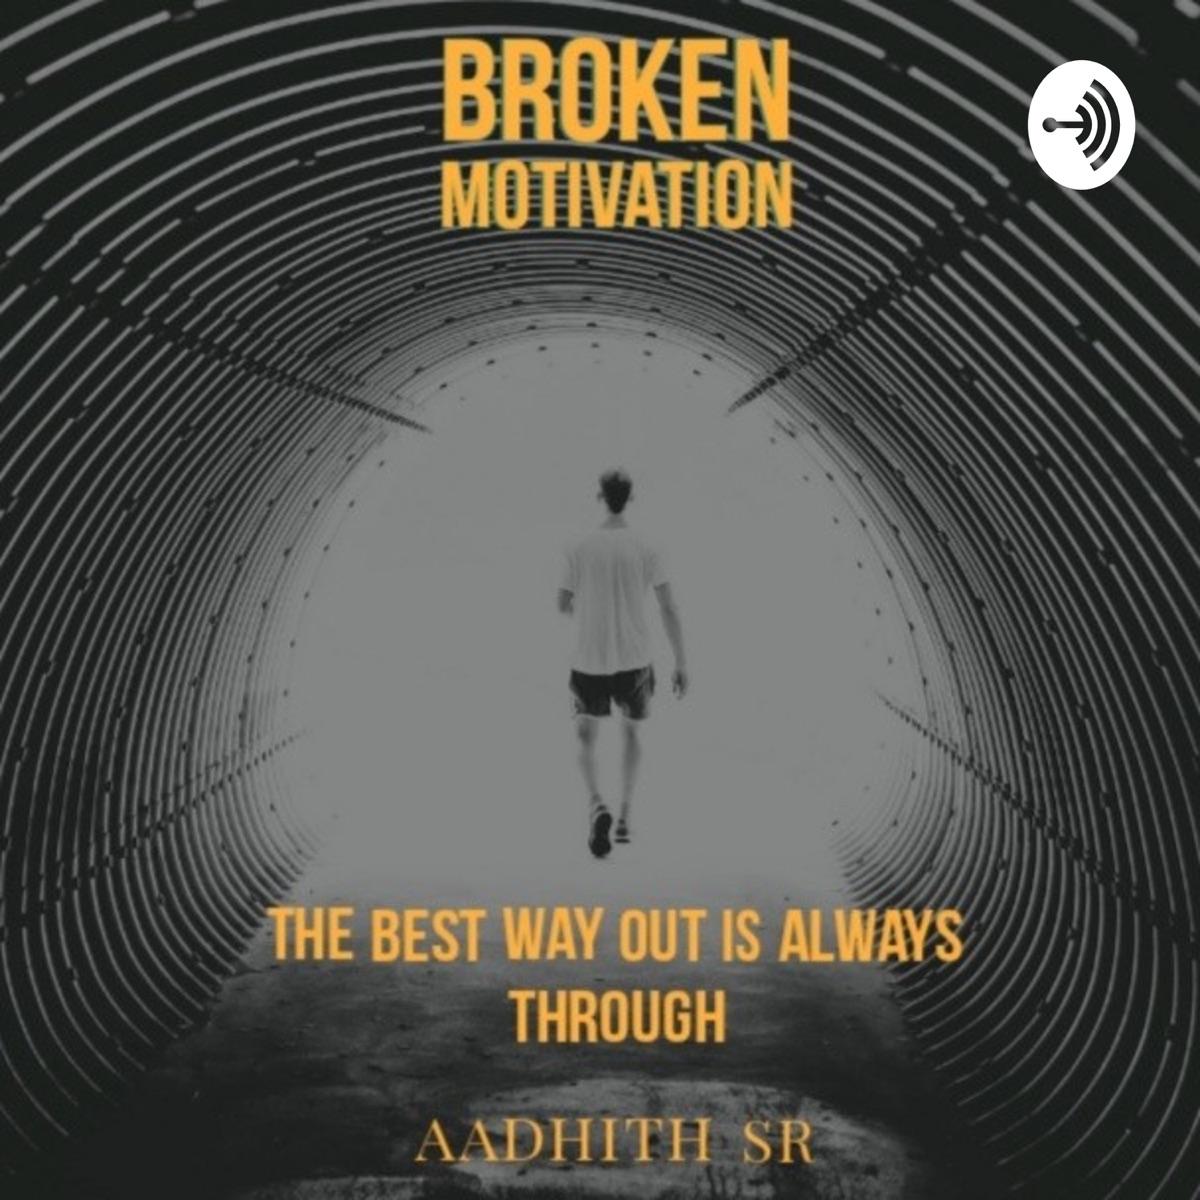 Broken Motivation